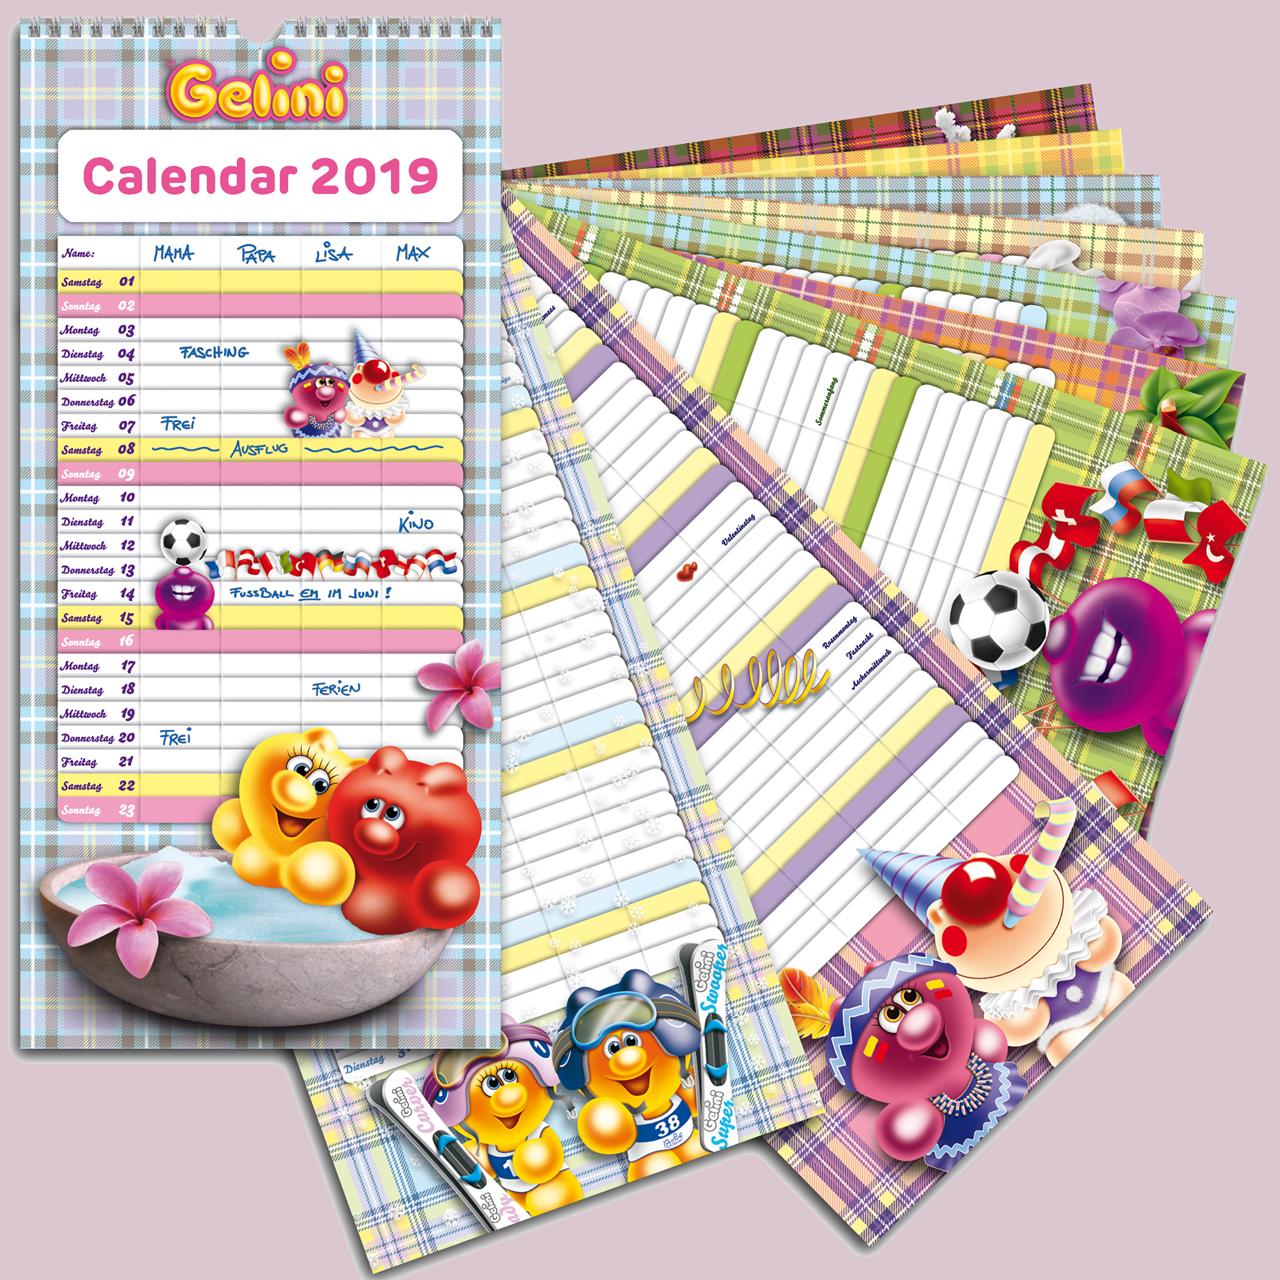 Gelini Calendars